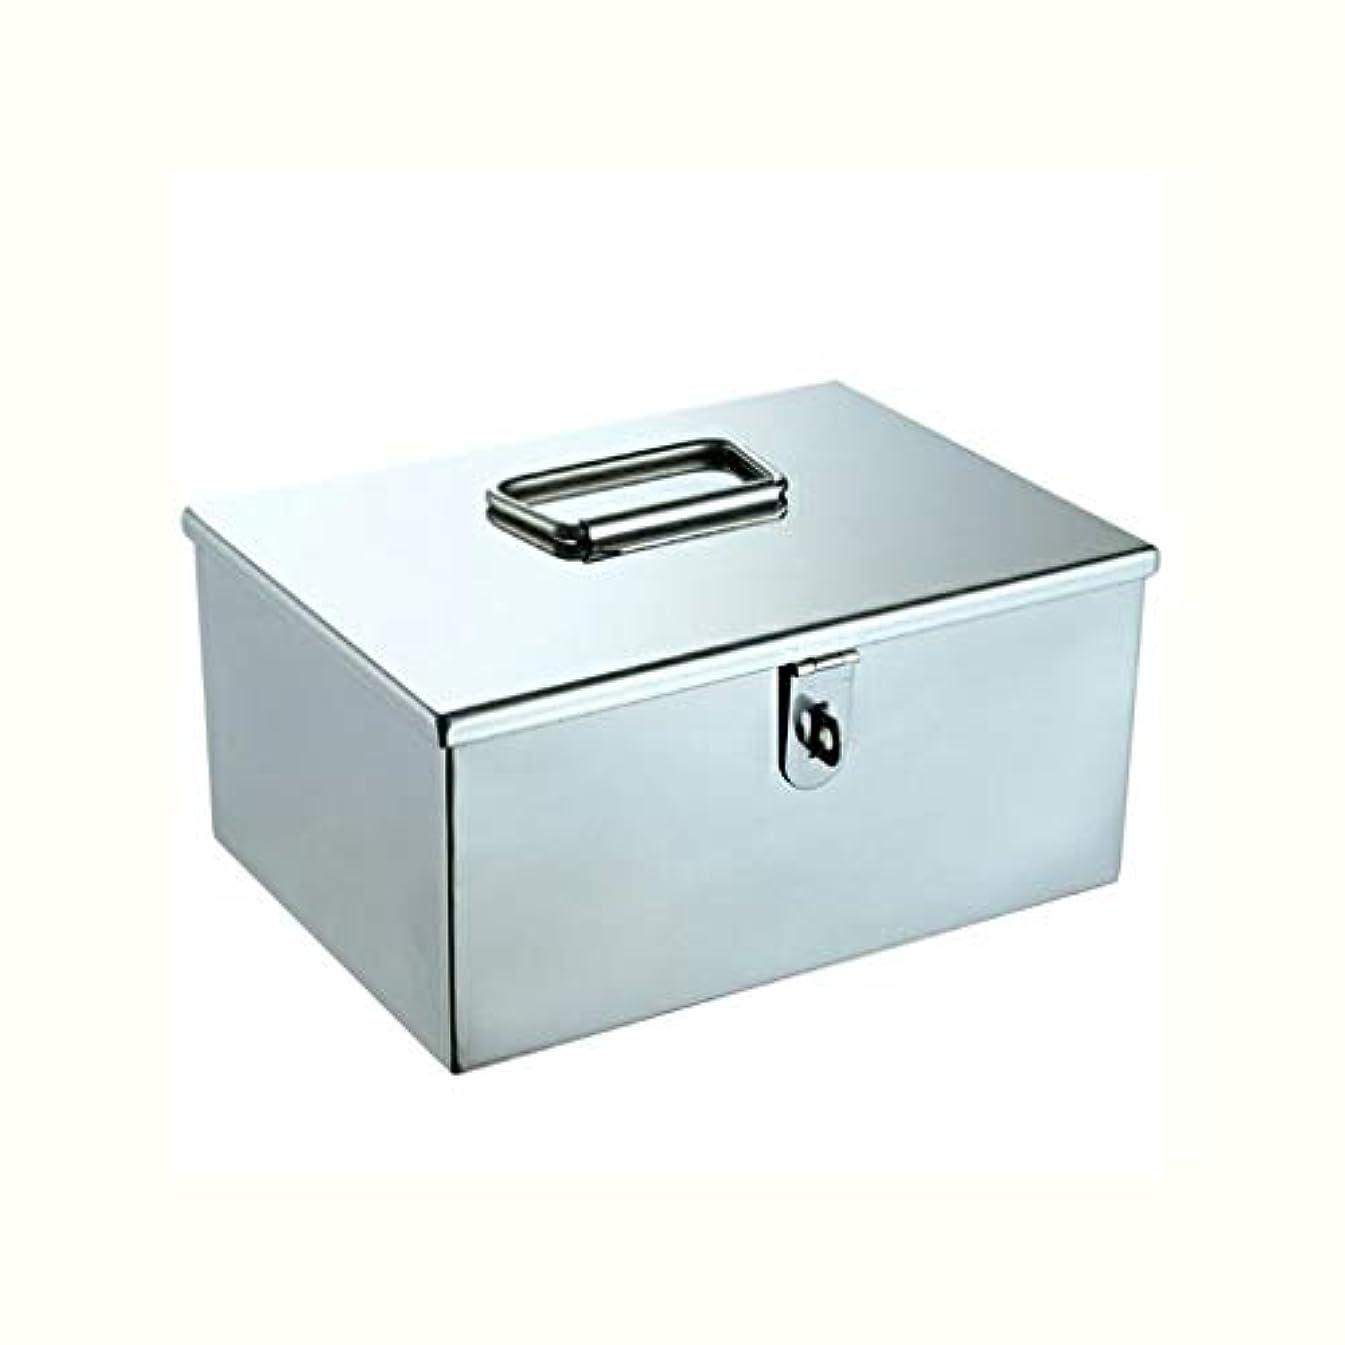 無許可健康従事する金属薬箱ポータブル救急箱医療箱多機能薬箱収納ボックス部品箱 GBYGDQ (Size : 21×15×10.2cm)